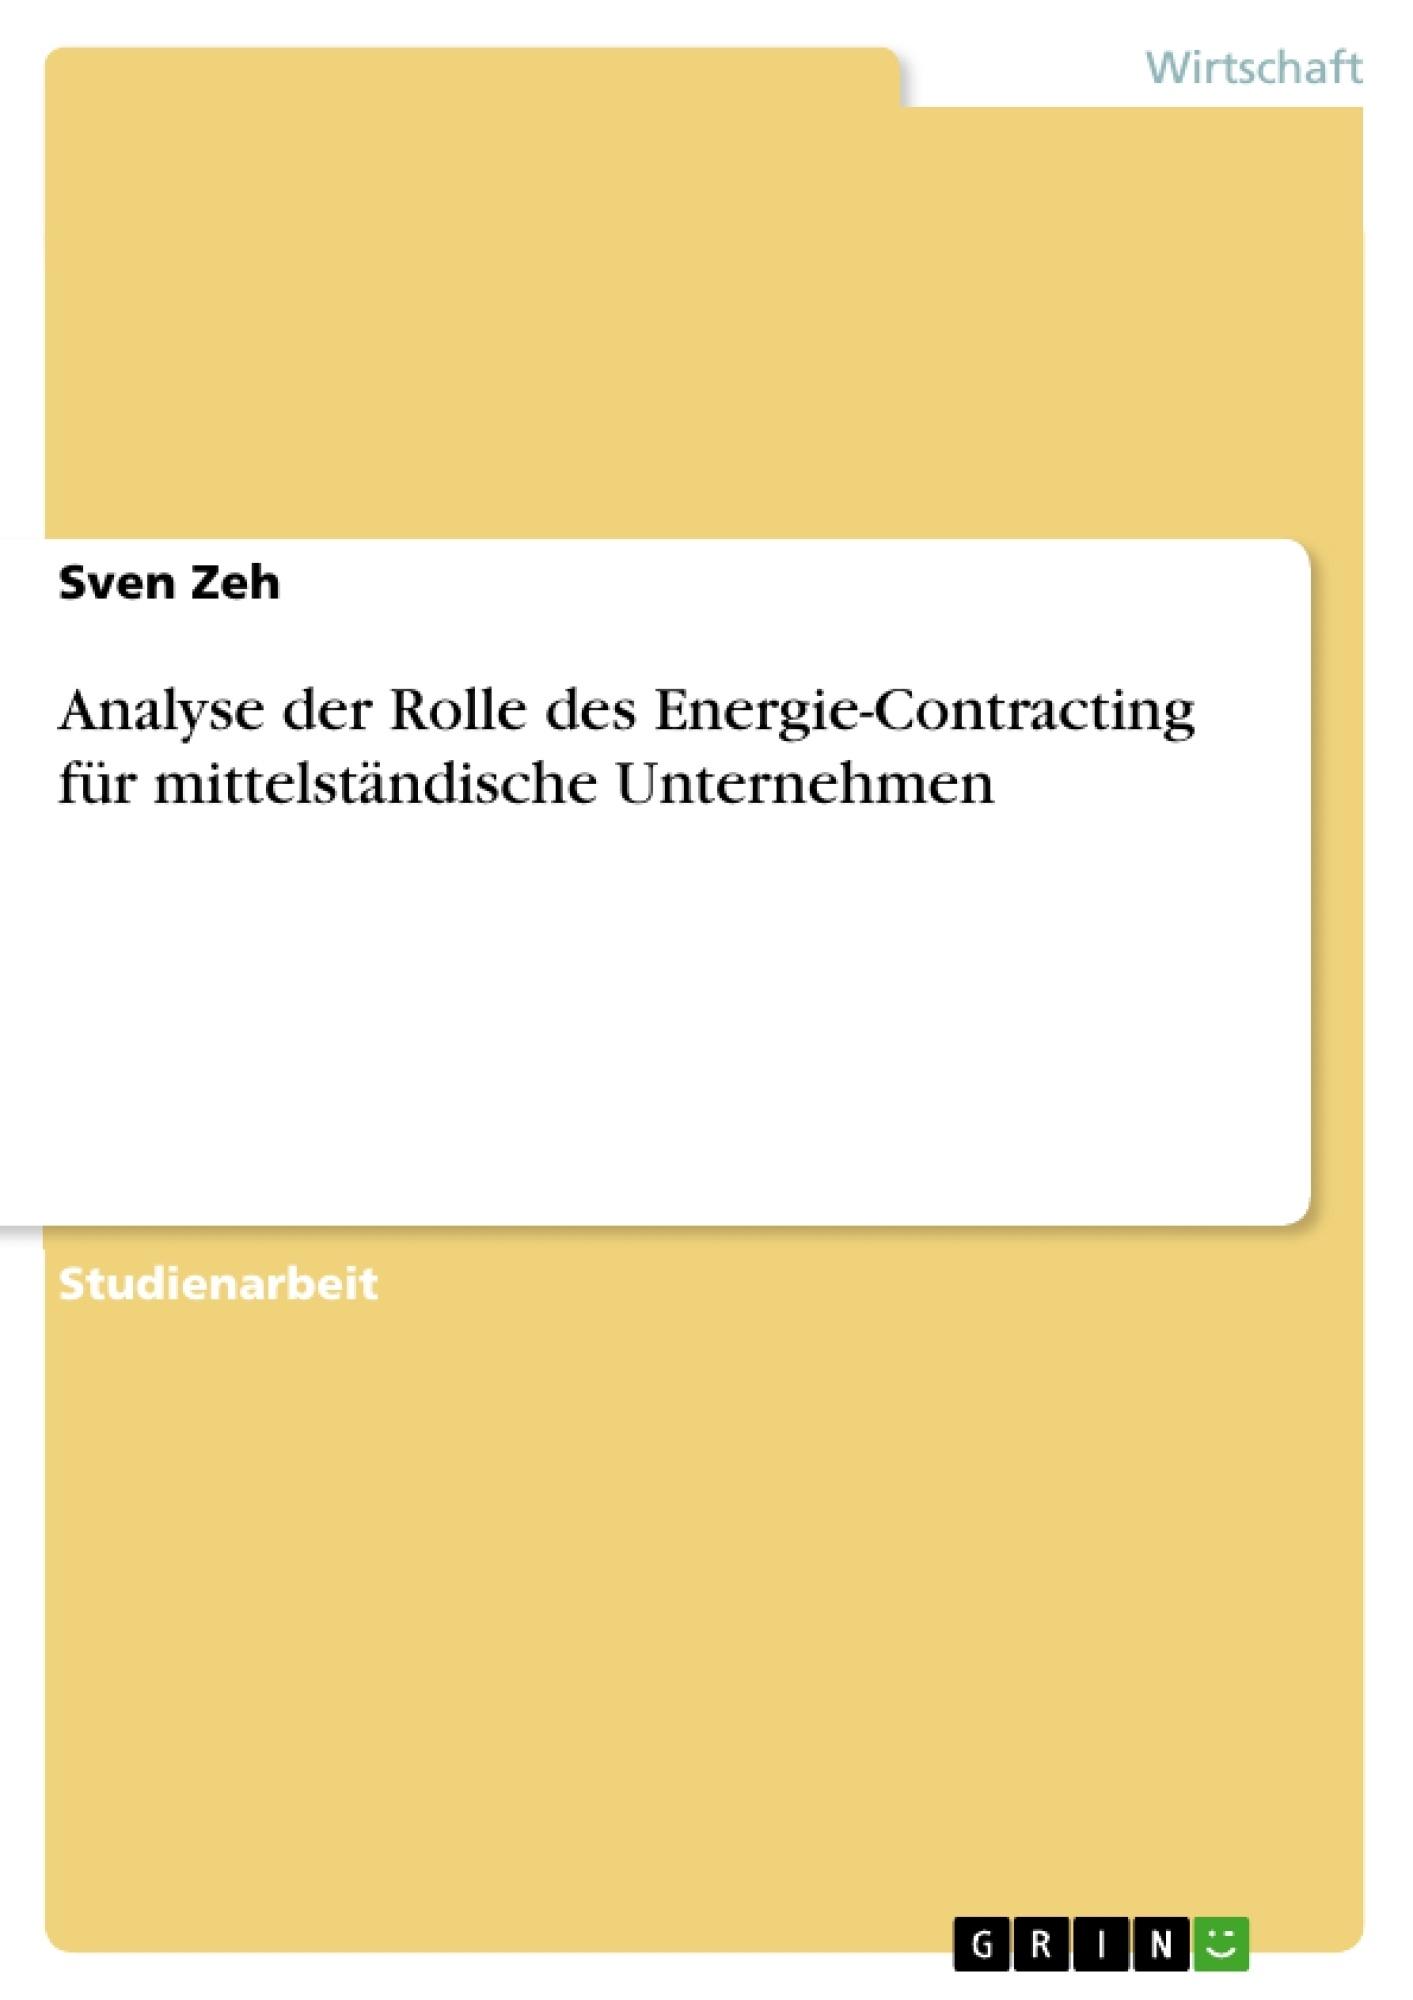 Titel: Analyse der Rolle des Energie-Contracting für mittelständische Unternehmen